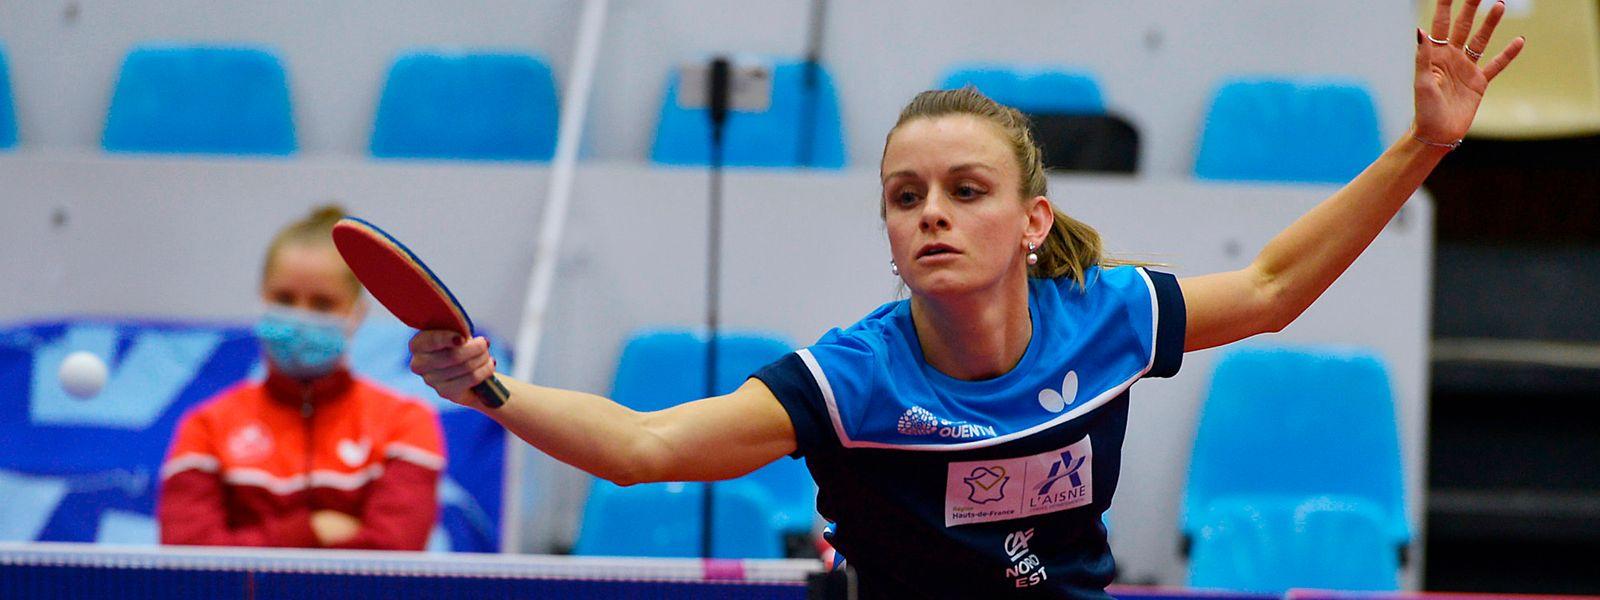 Für Sarah De Nutte ist der Wechsel nach Saint-Quentin ein wichtiger Schritt in ihrer Karriere.